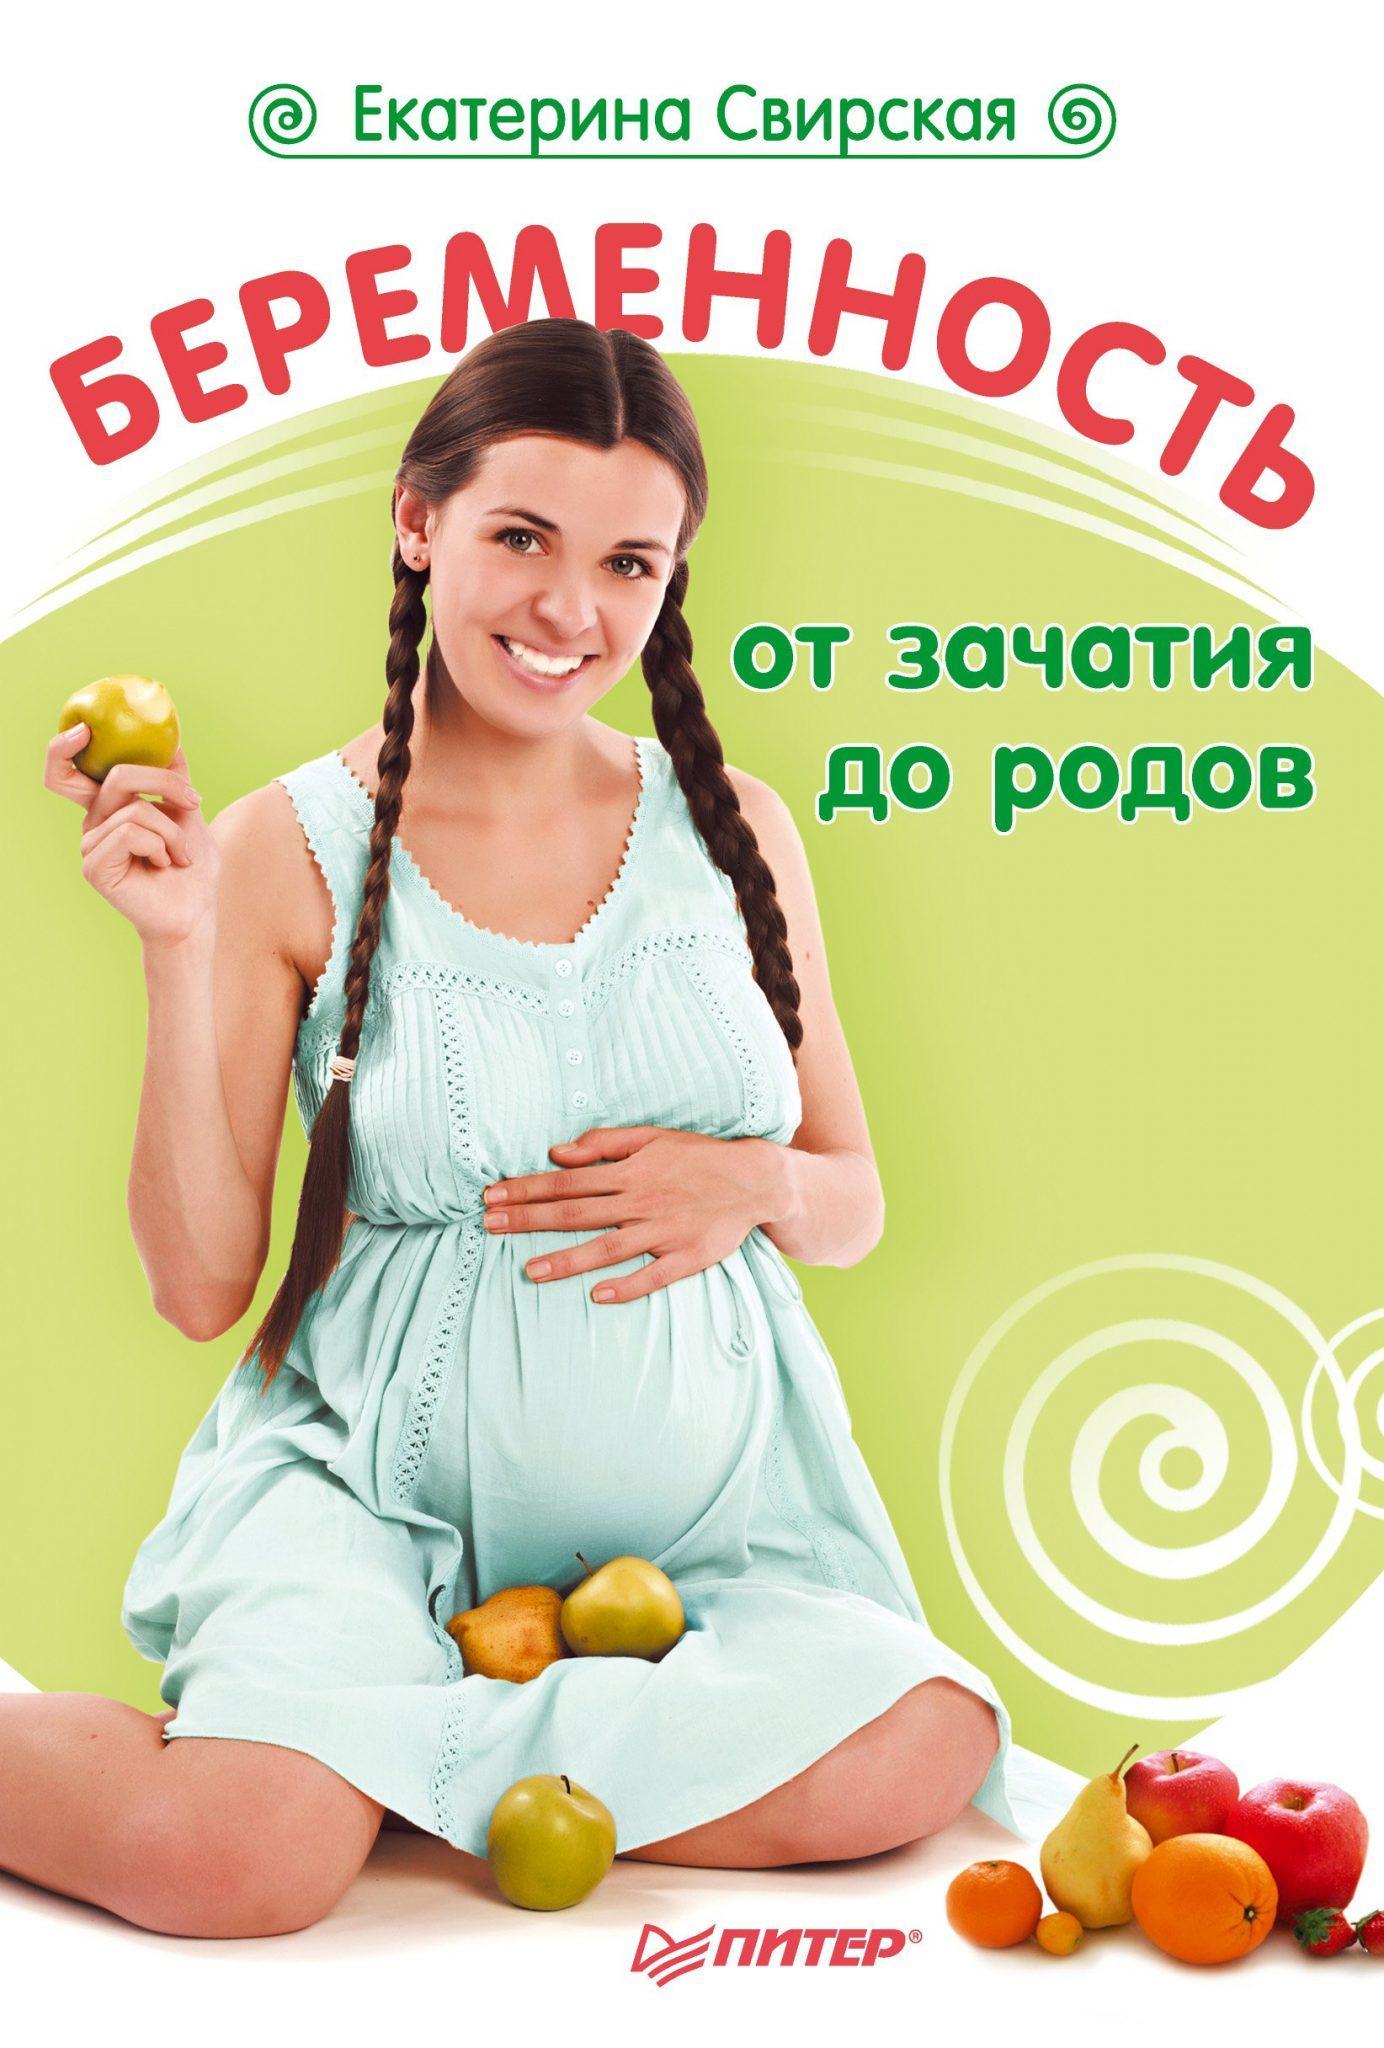 Планирование беременности. Видеолекции.